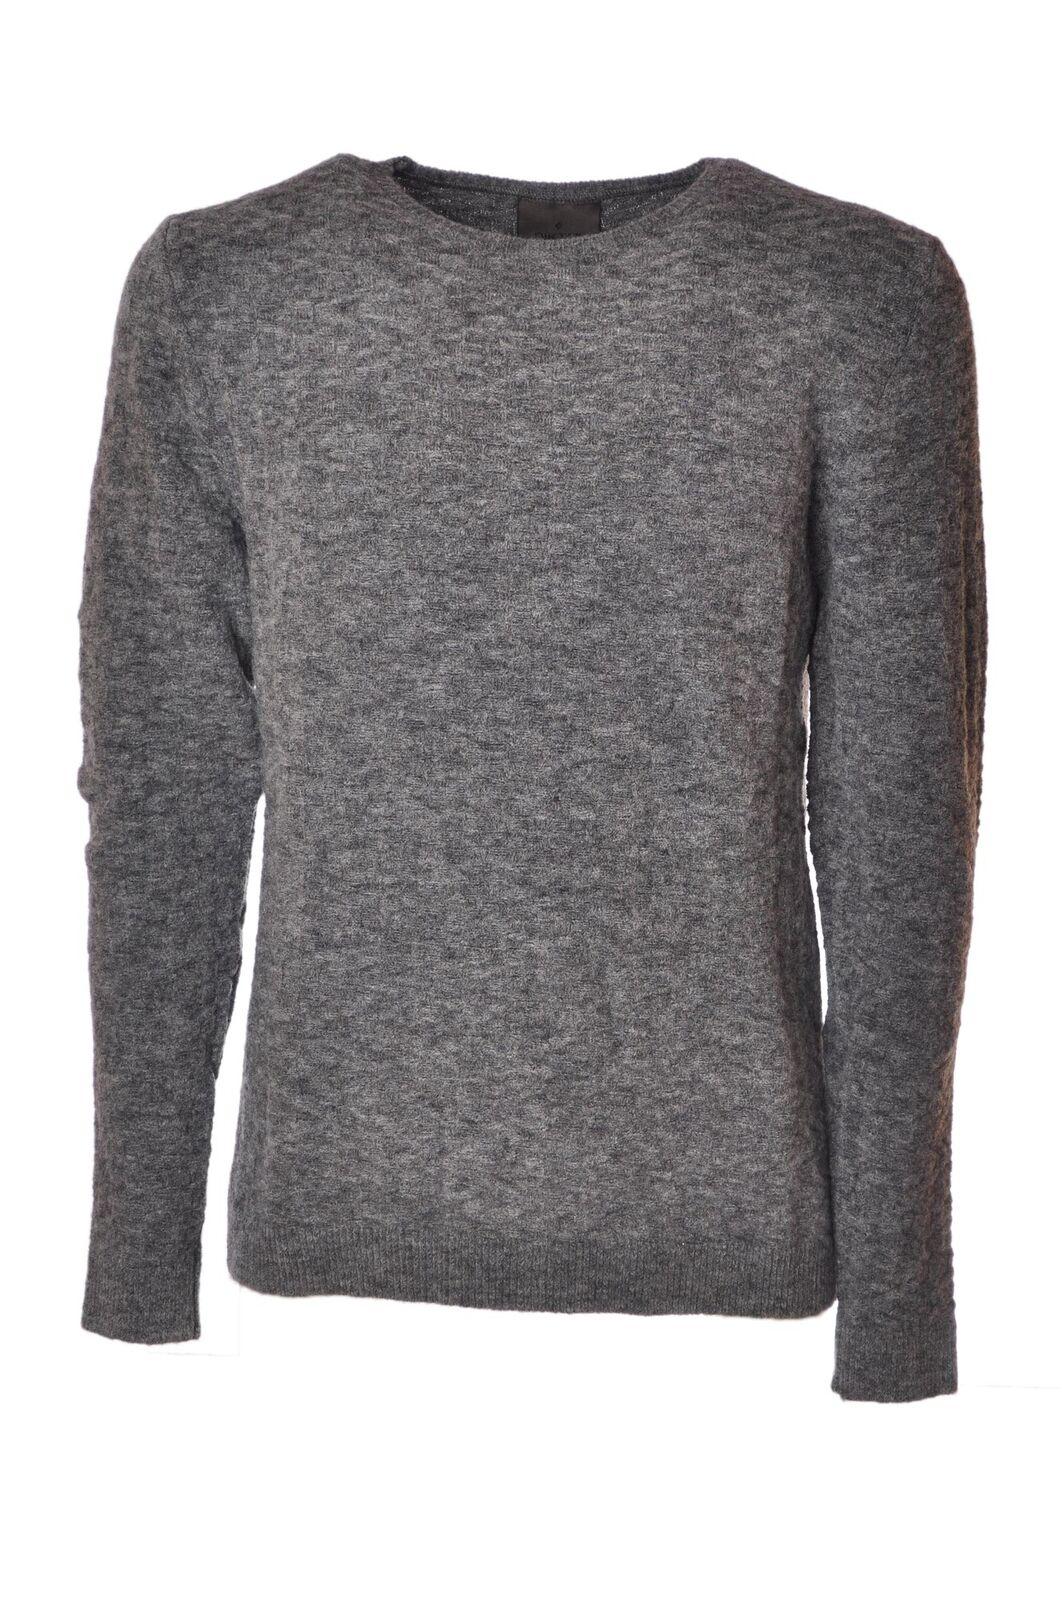 Diktat - Knitwear-Sweaters - Man - Grey - 4341706C195015